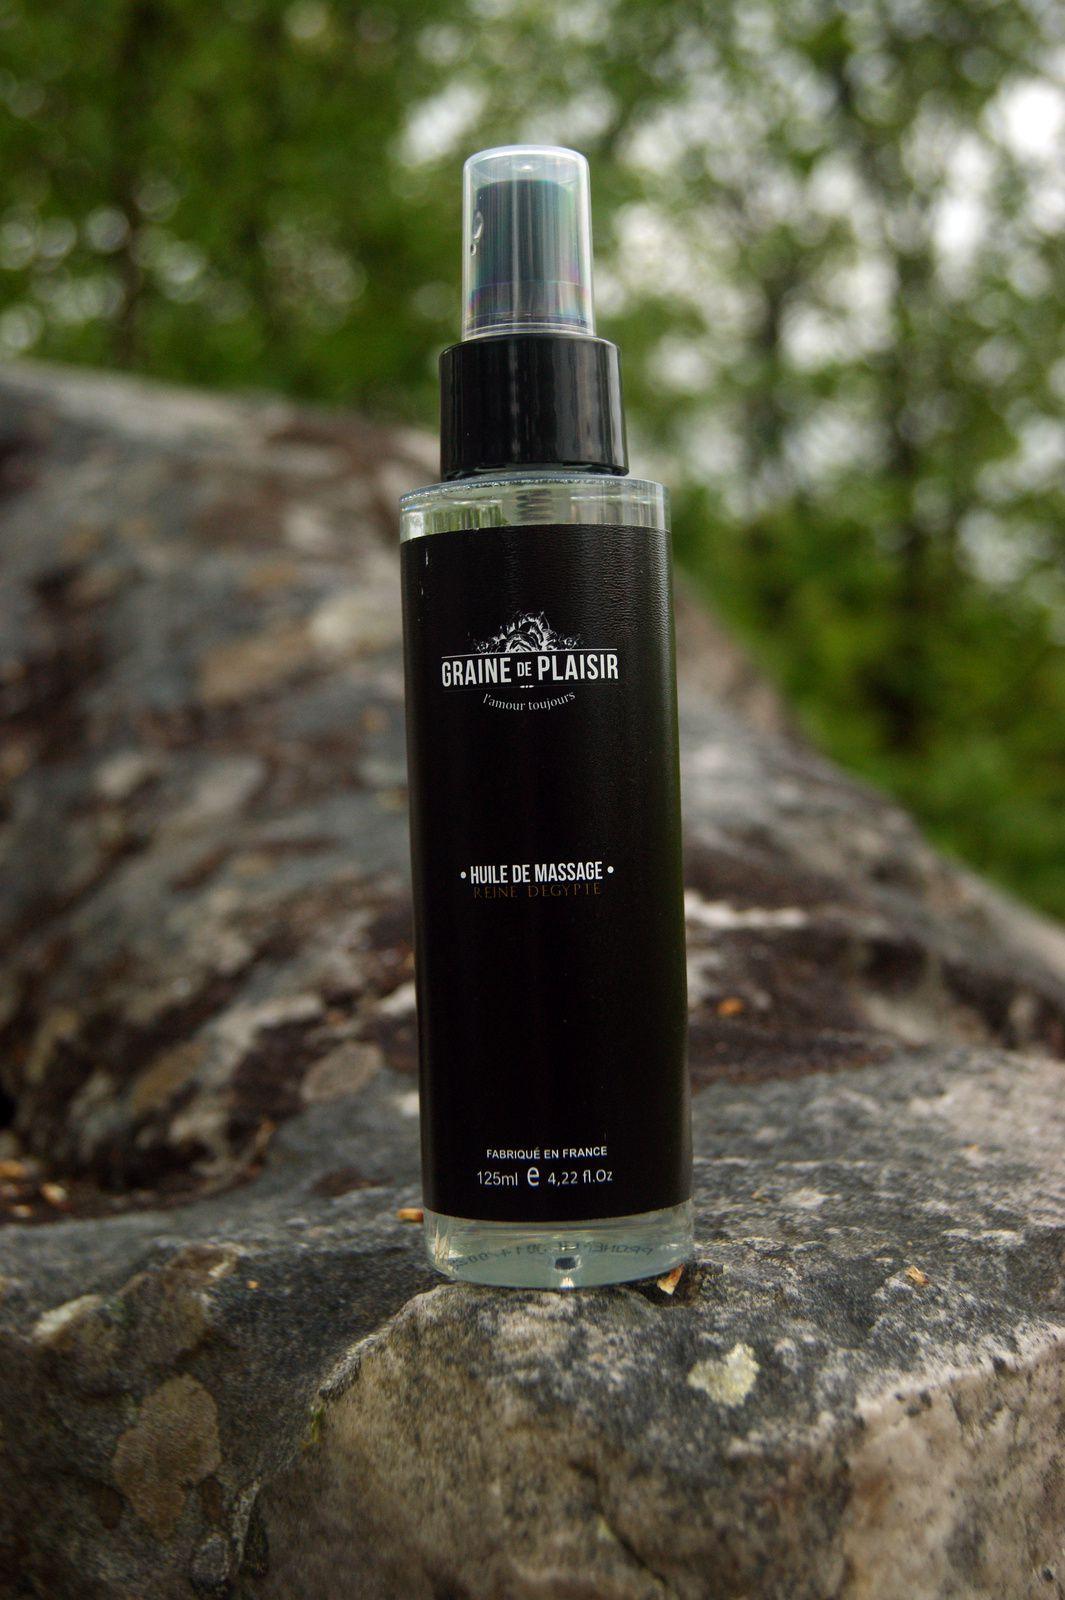 Revue Graine de plaisir huile de massage demoisailesfaitdesrevues@over-blog.com